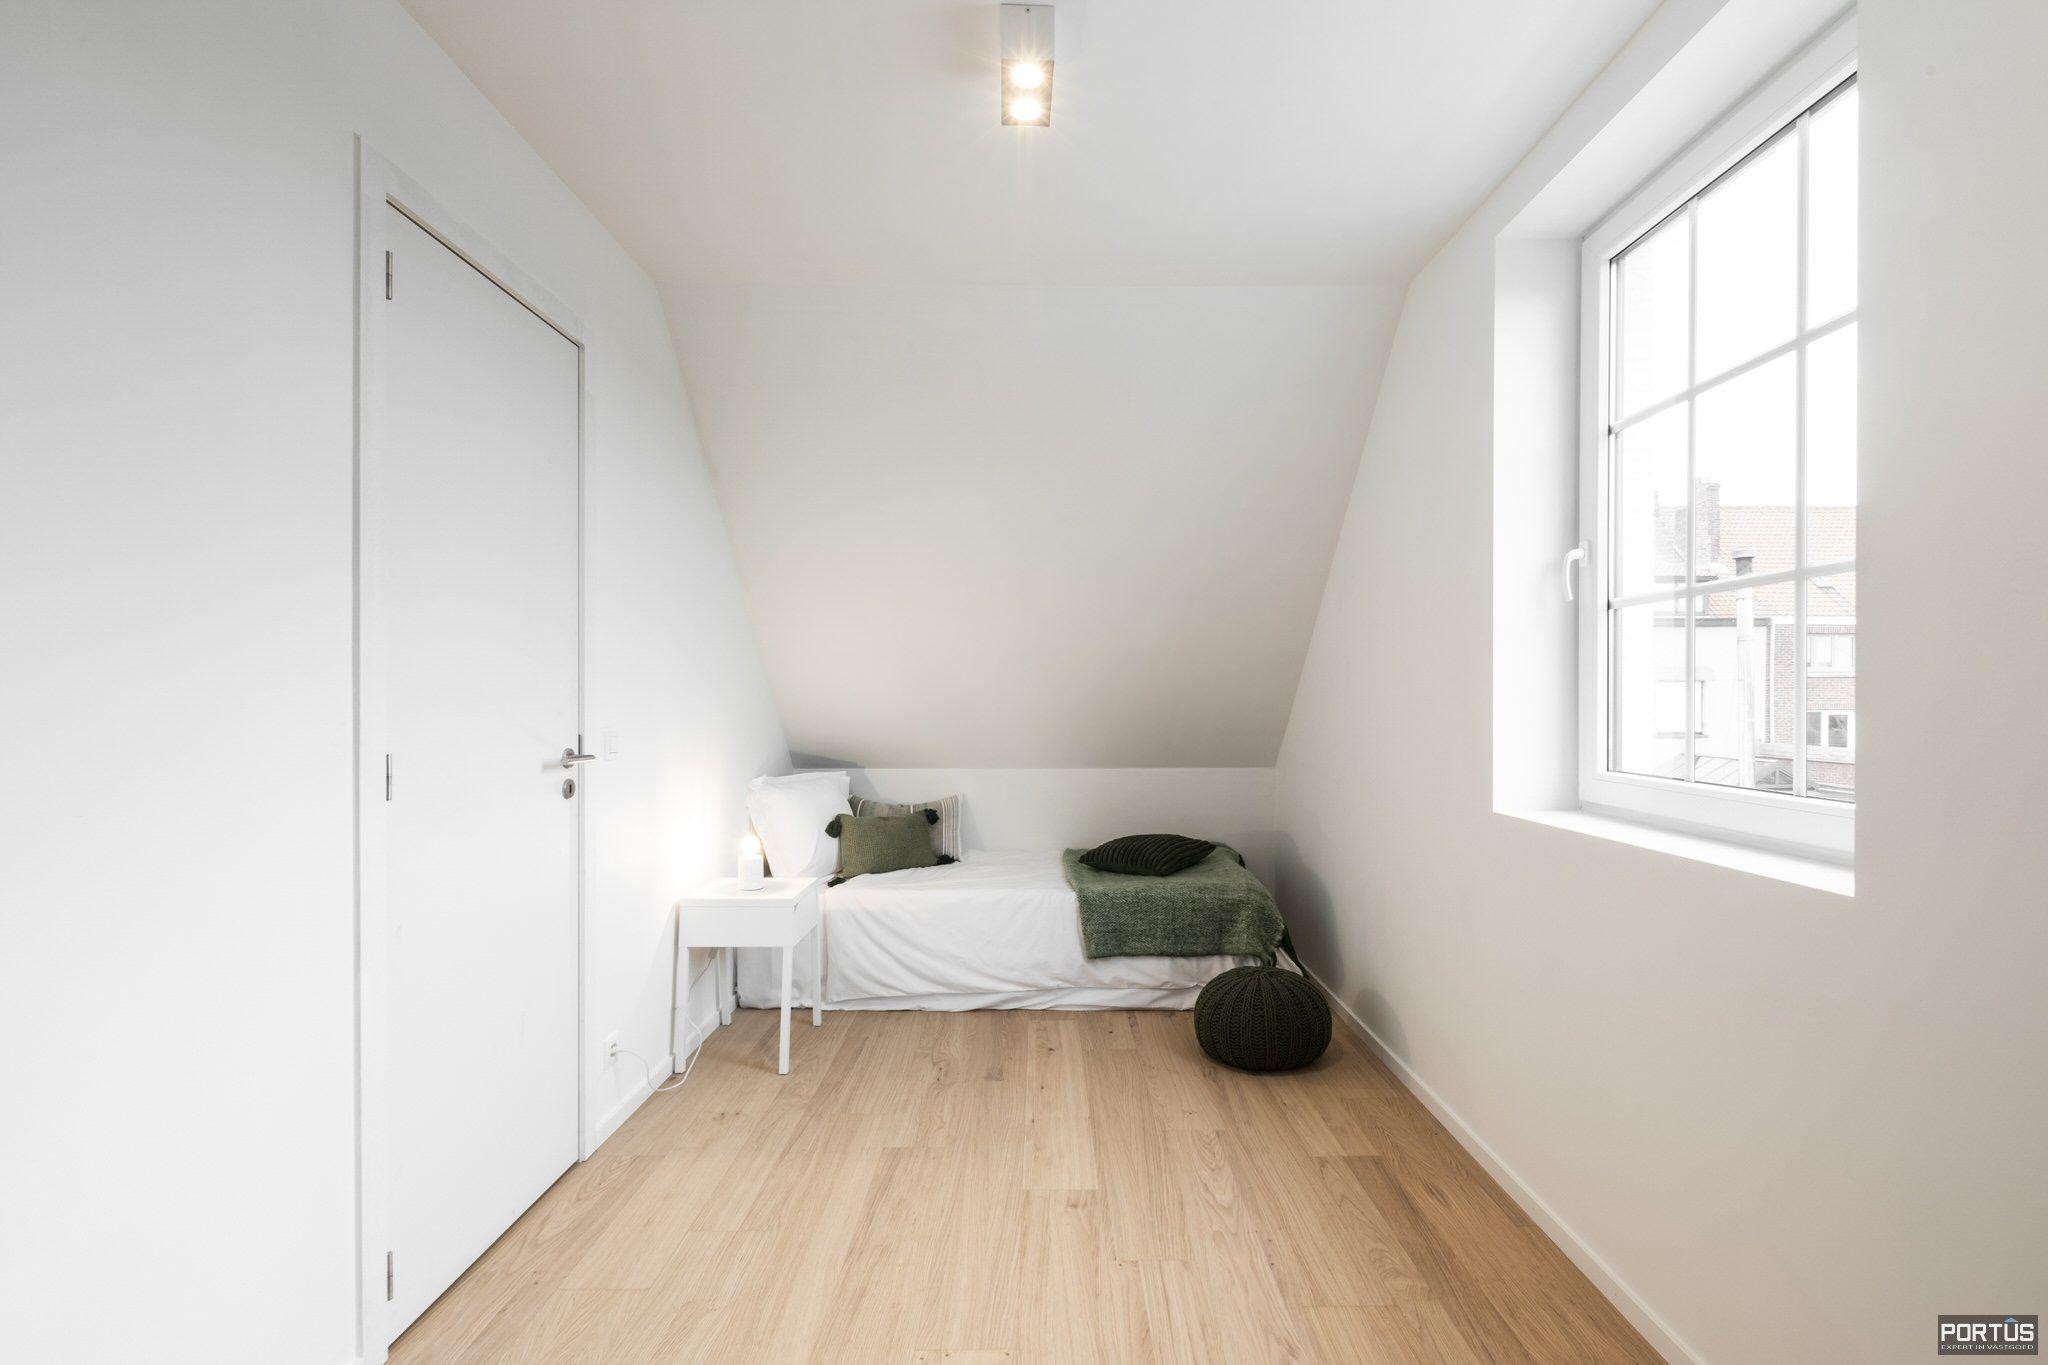 Nieuwbouwwoning met 4 slaapkamers te koop te Lombardsijde - 11825